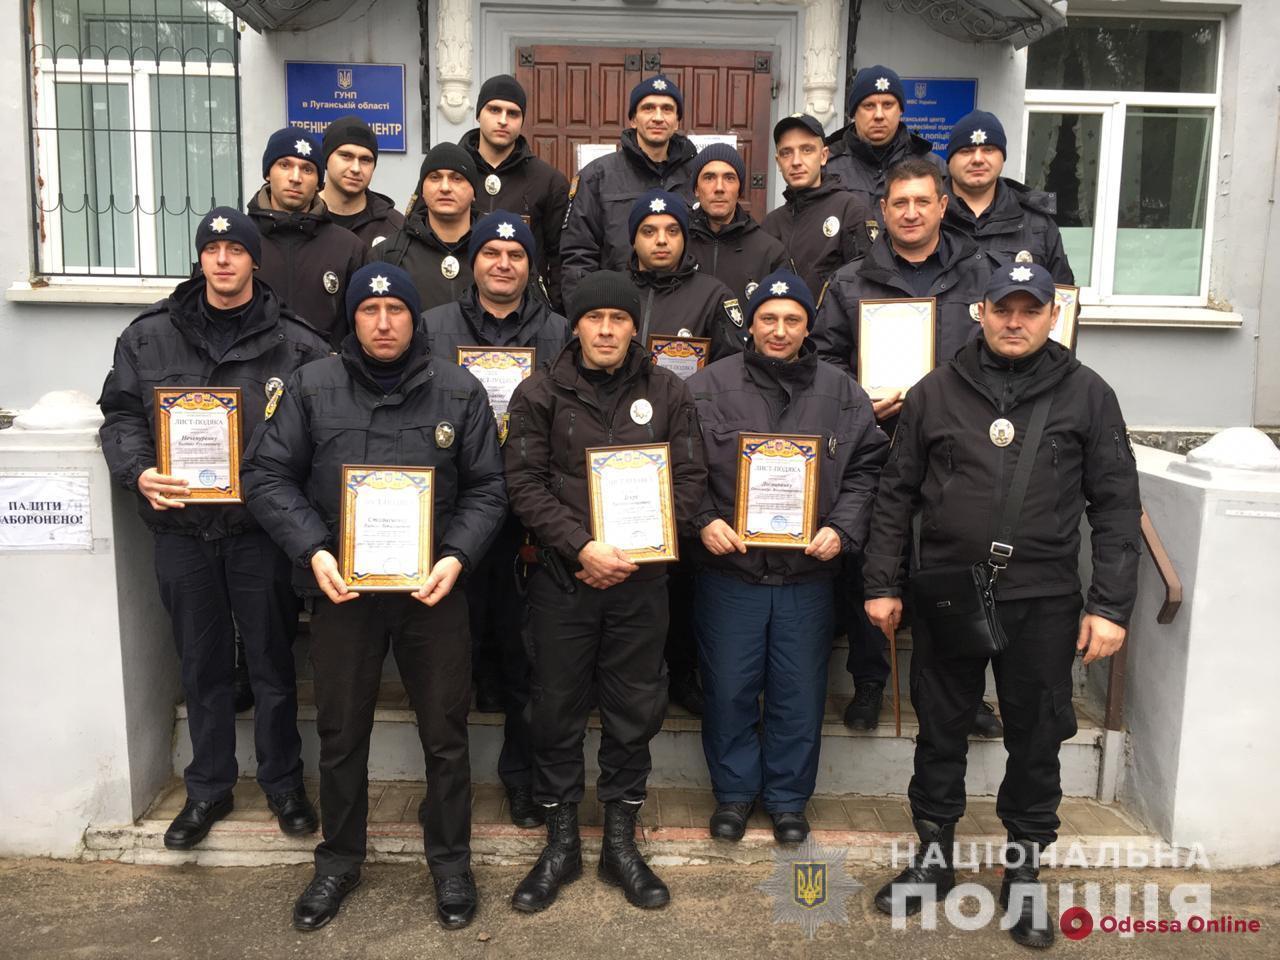 Одесских правоохранителей наградили за образцовую службу в зоне ООС